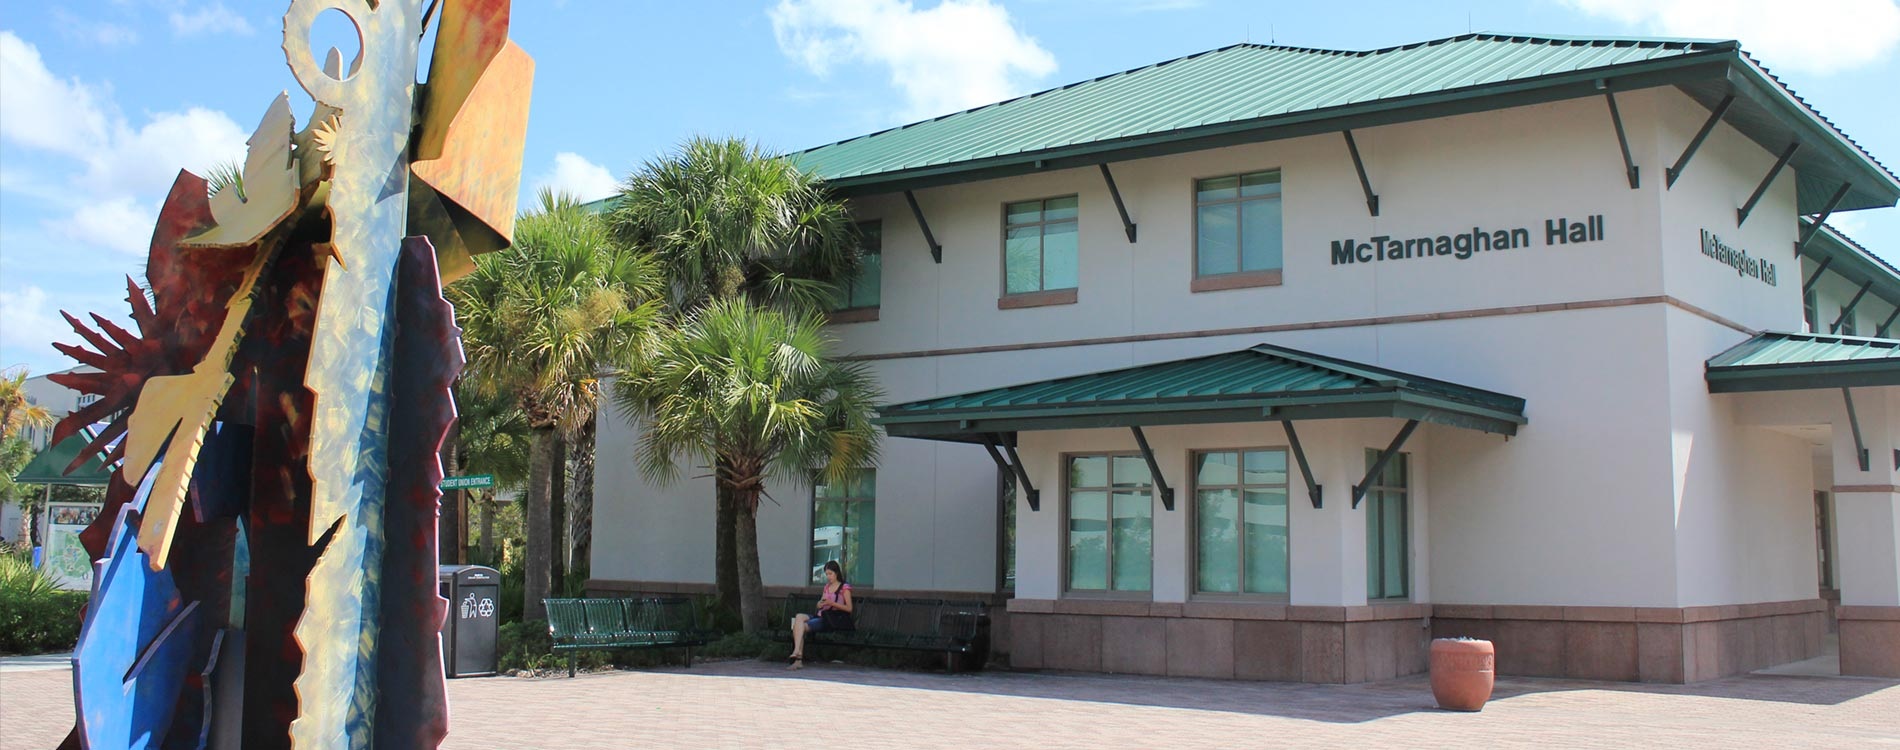 McTarnaghan Hall